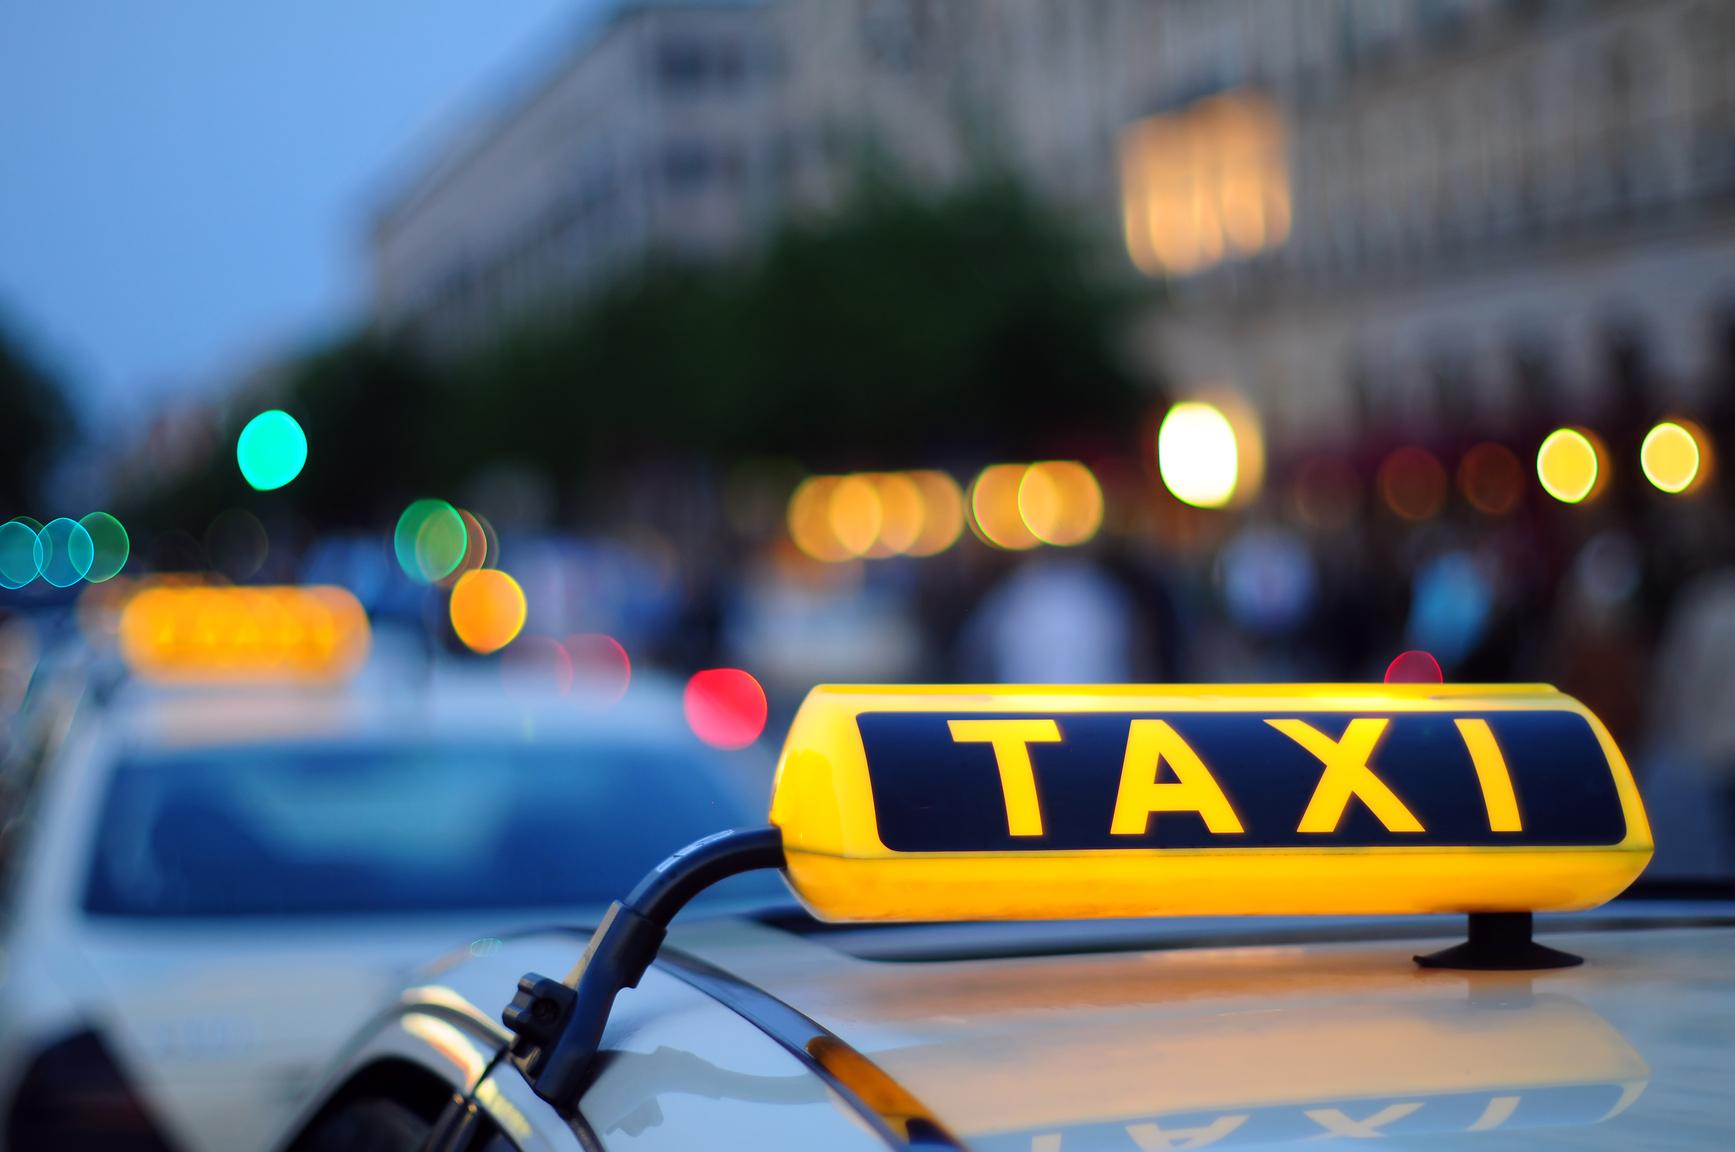 Бесплатен такси-превоз за поднапиените гости во охридските кафулиња